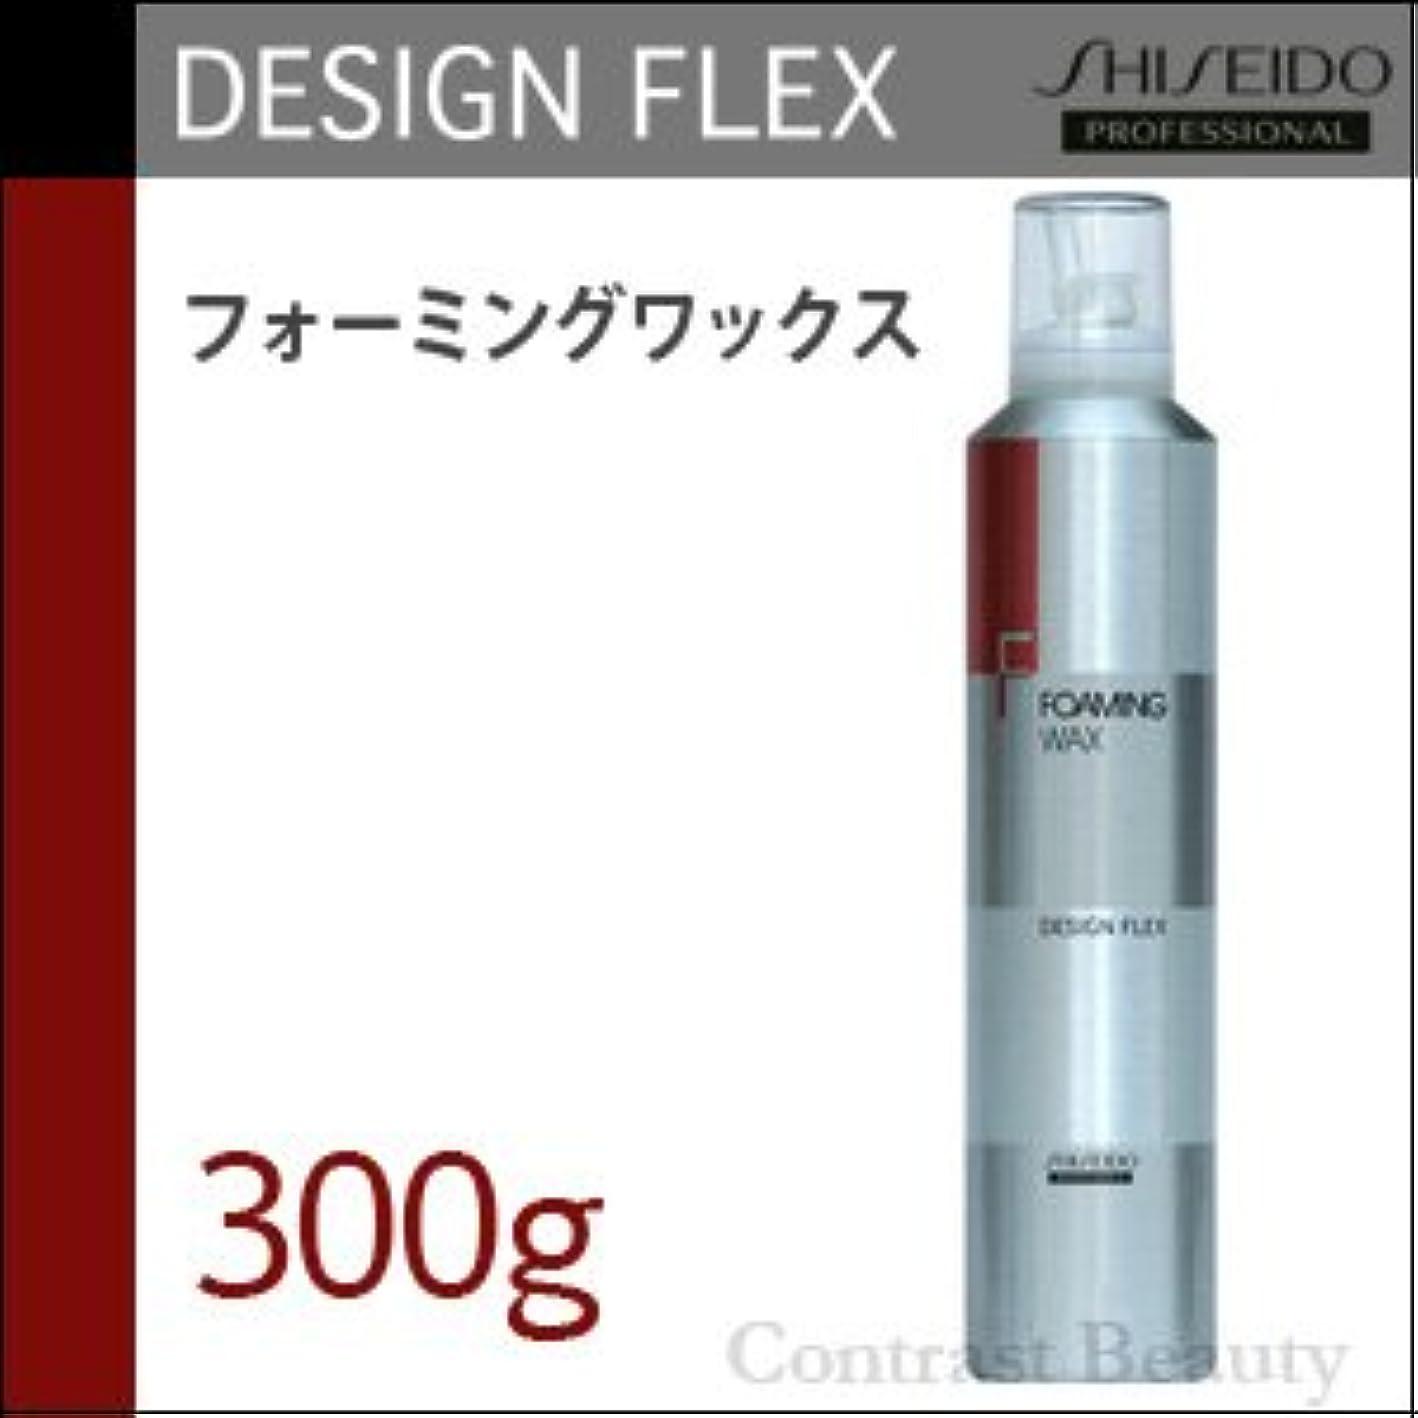 スキッパー報告書ルーム【x2個セット】 資生堂 デザインフレックス フォーミングワックス 300g